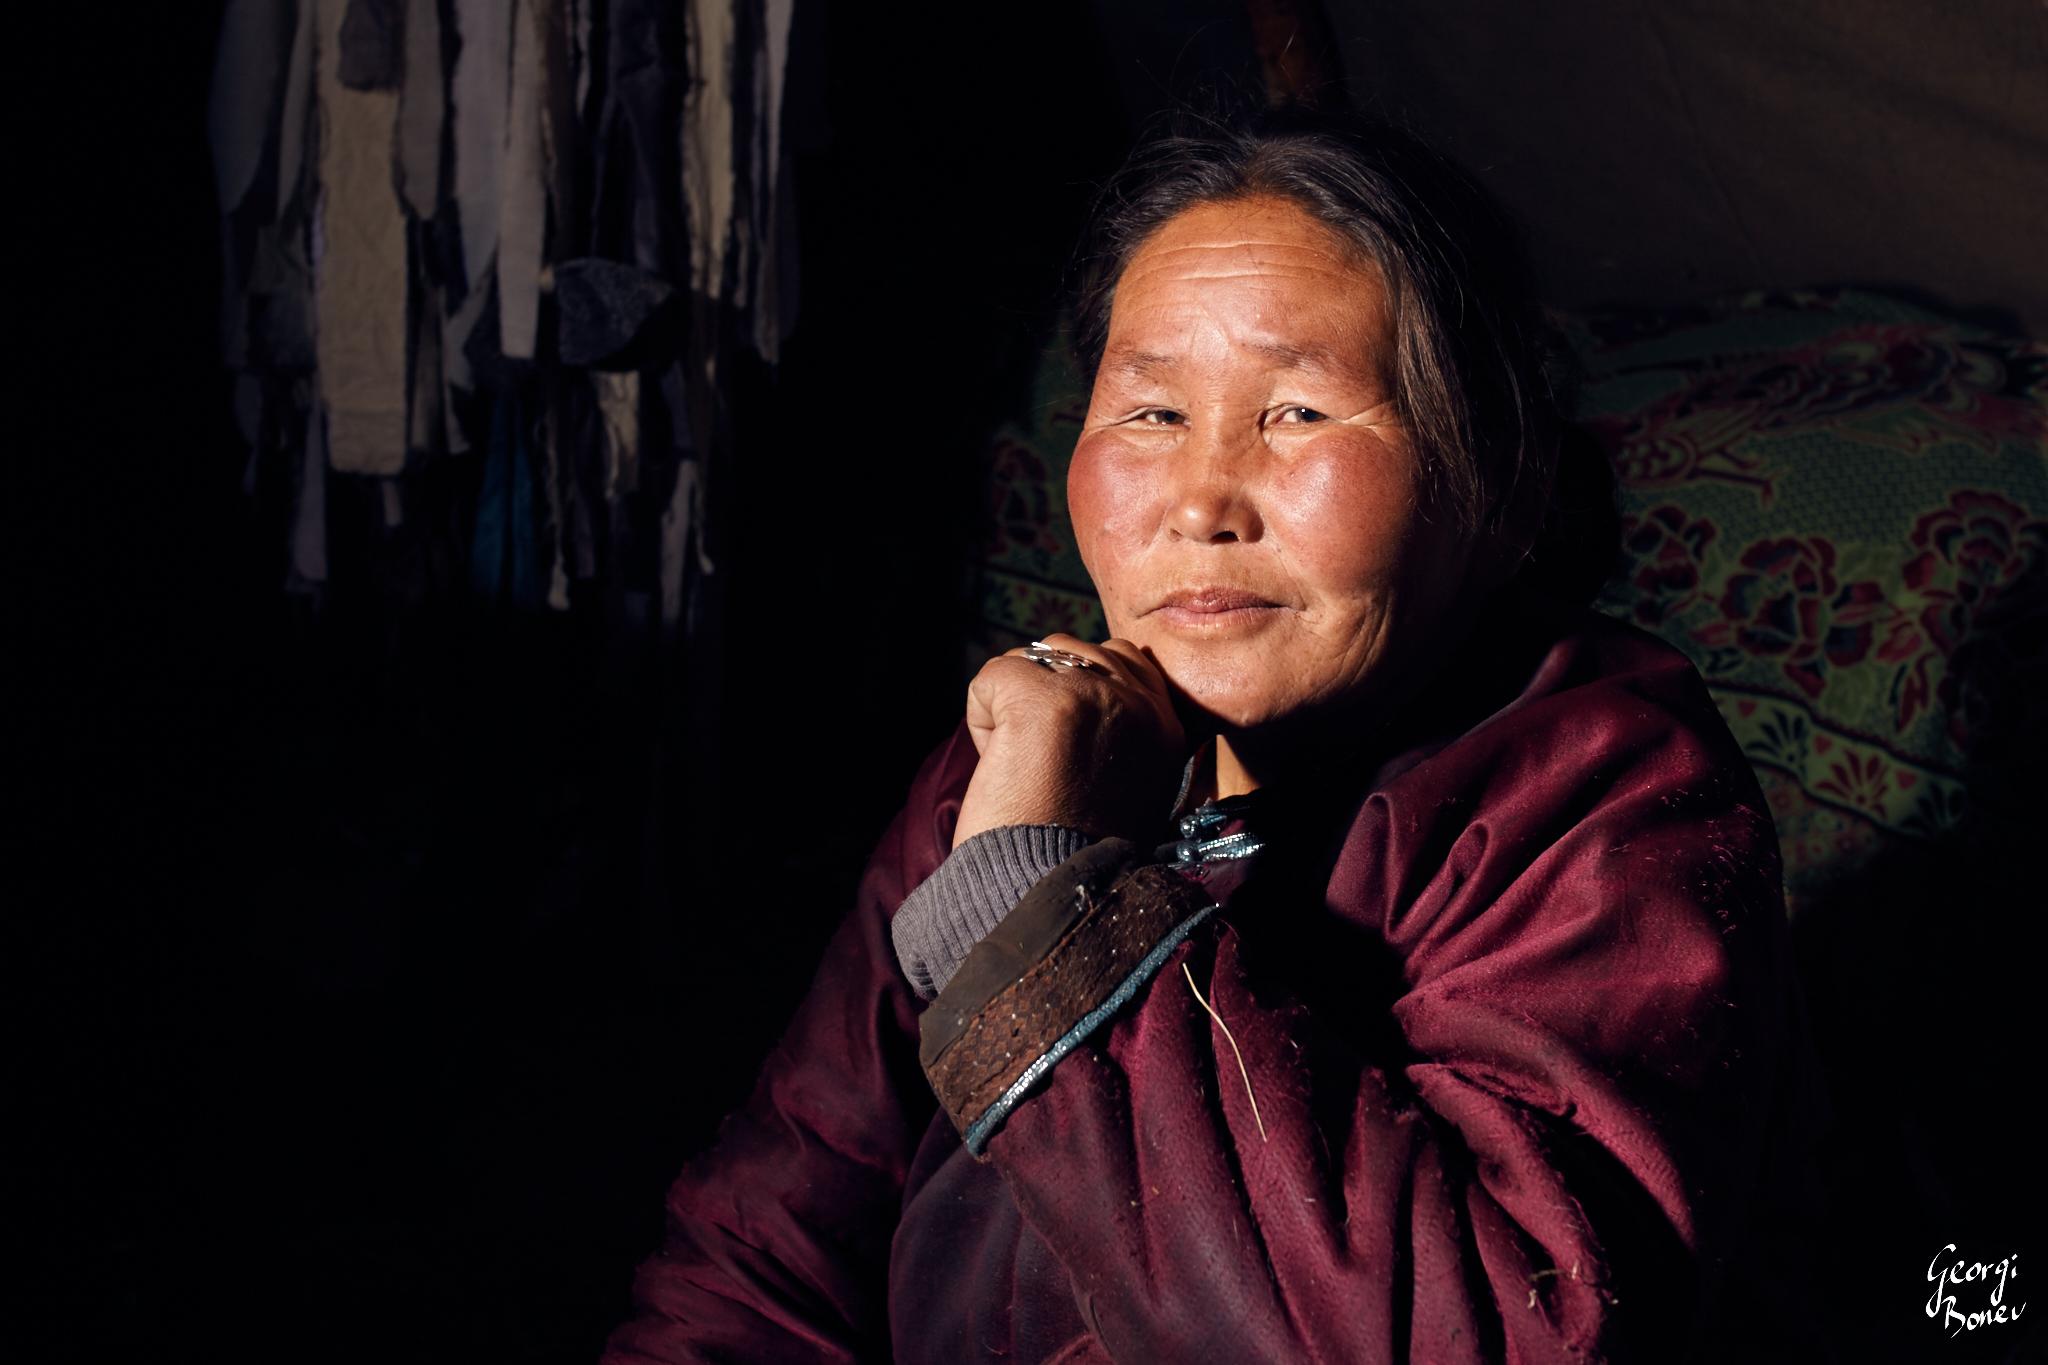 TSETSE IS THE SHAMAN OF TSAATAN PEOPLE, MONGOLIA